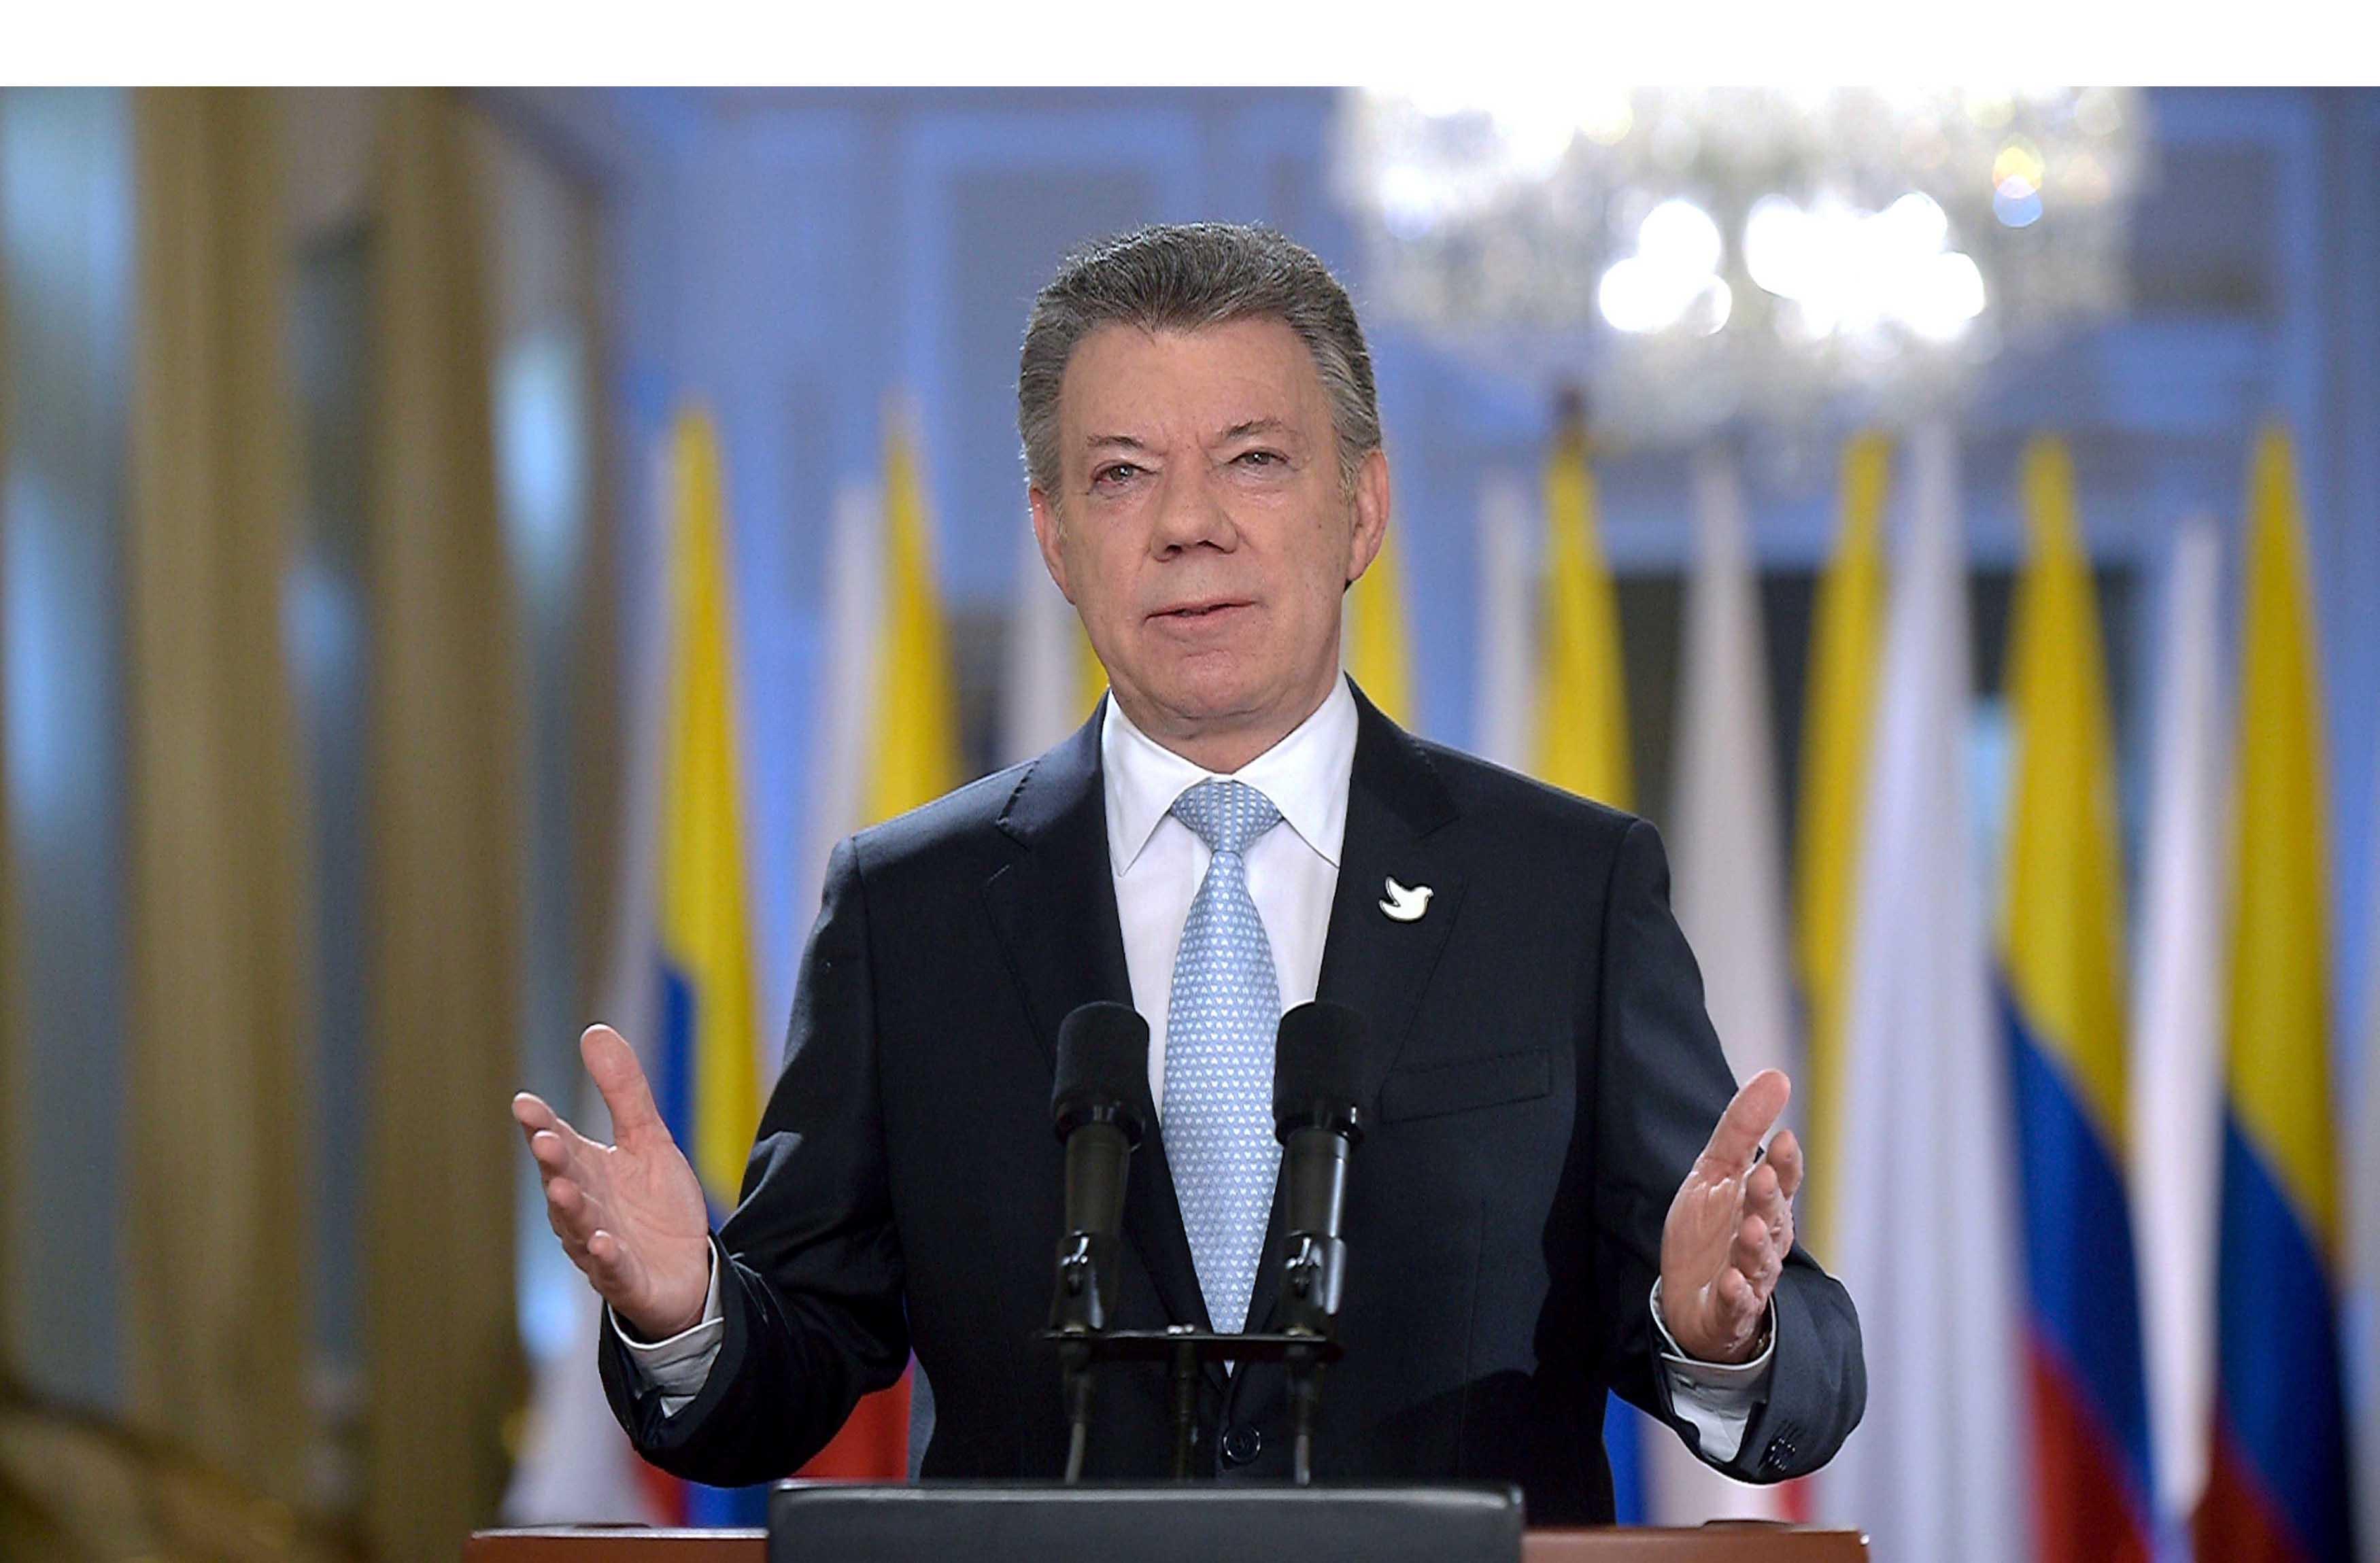 El presidente colombiano se mostró complacido al indicar que durante la primera semana del cese al fuego se respetaron los términos y se obtuvo lo esperado